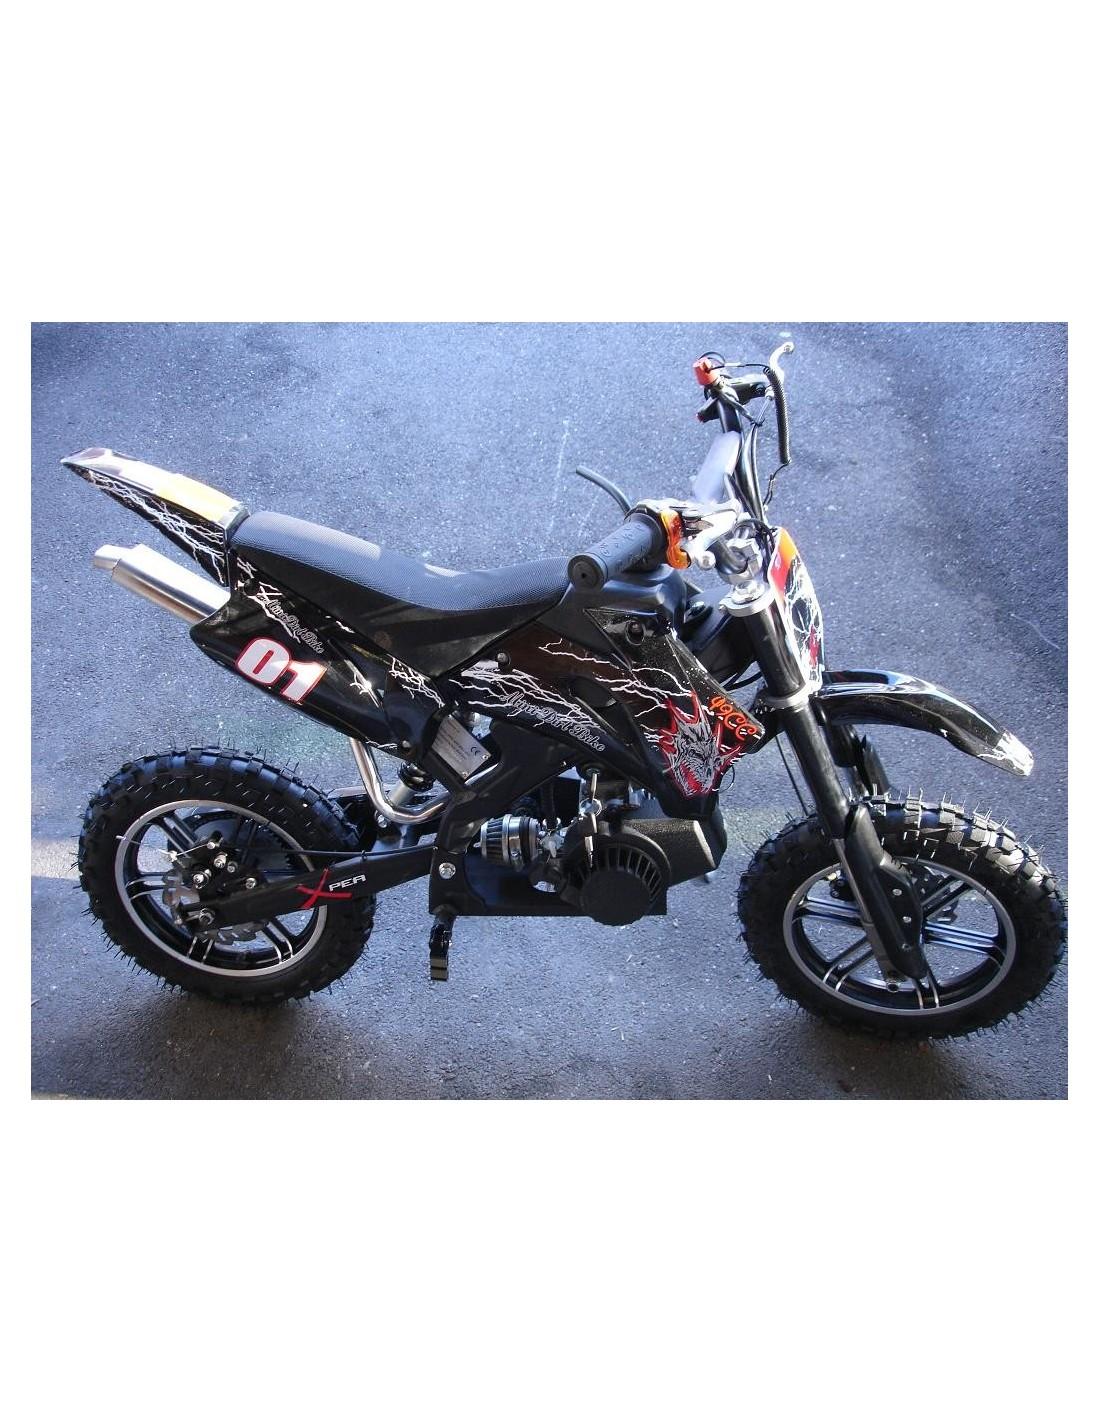 pocket bike cross dragon 49cc 10 pouces monster bike 62. Black Bedroom Furniture Sets. Home Design Ideas